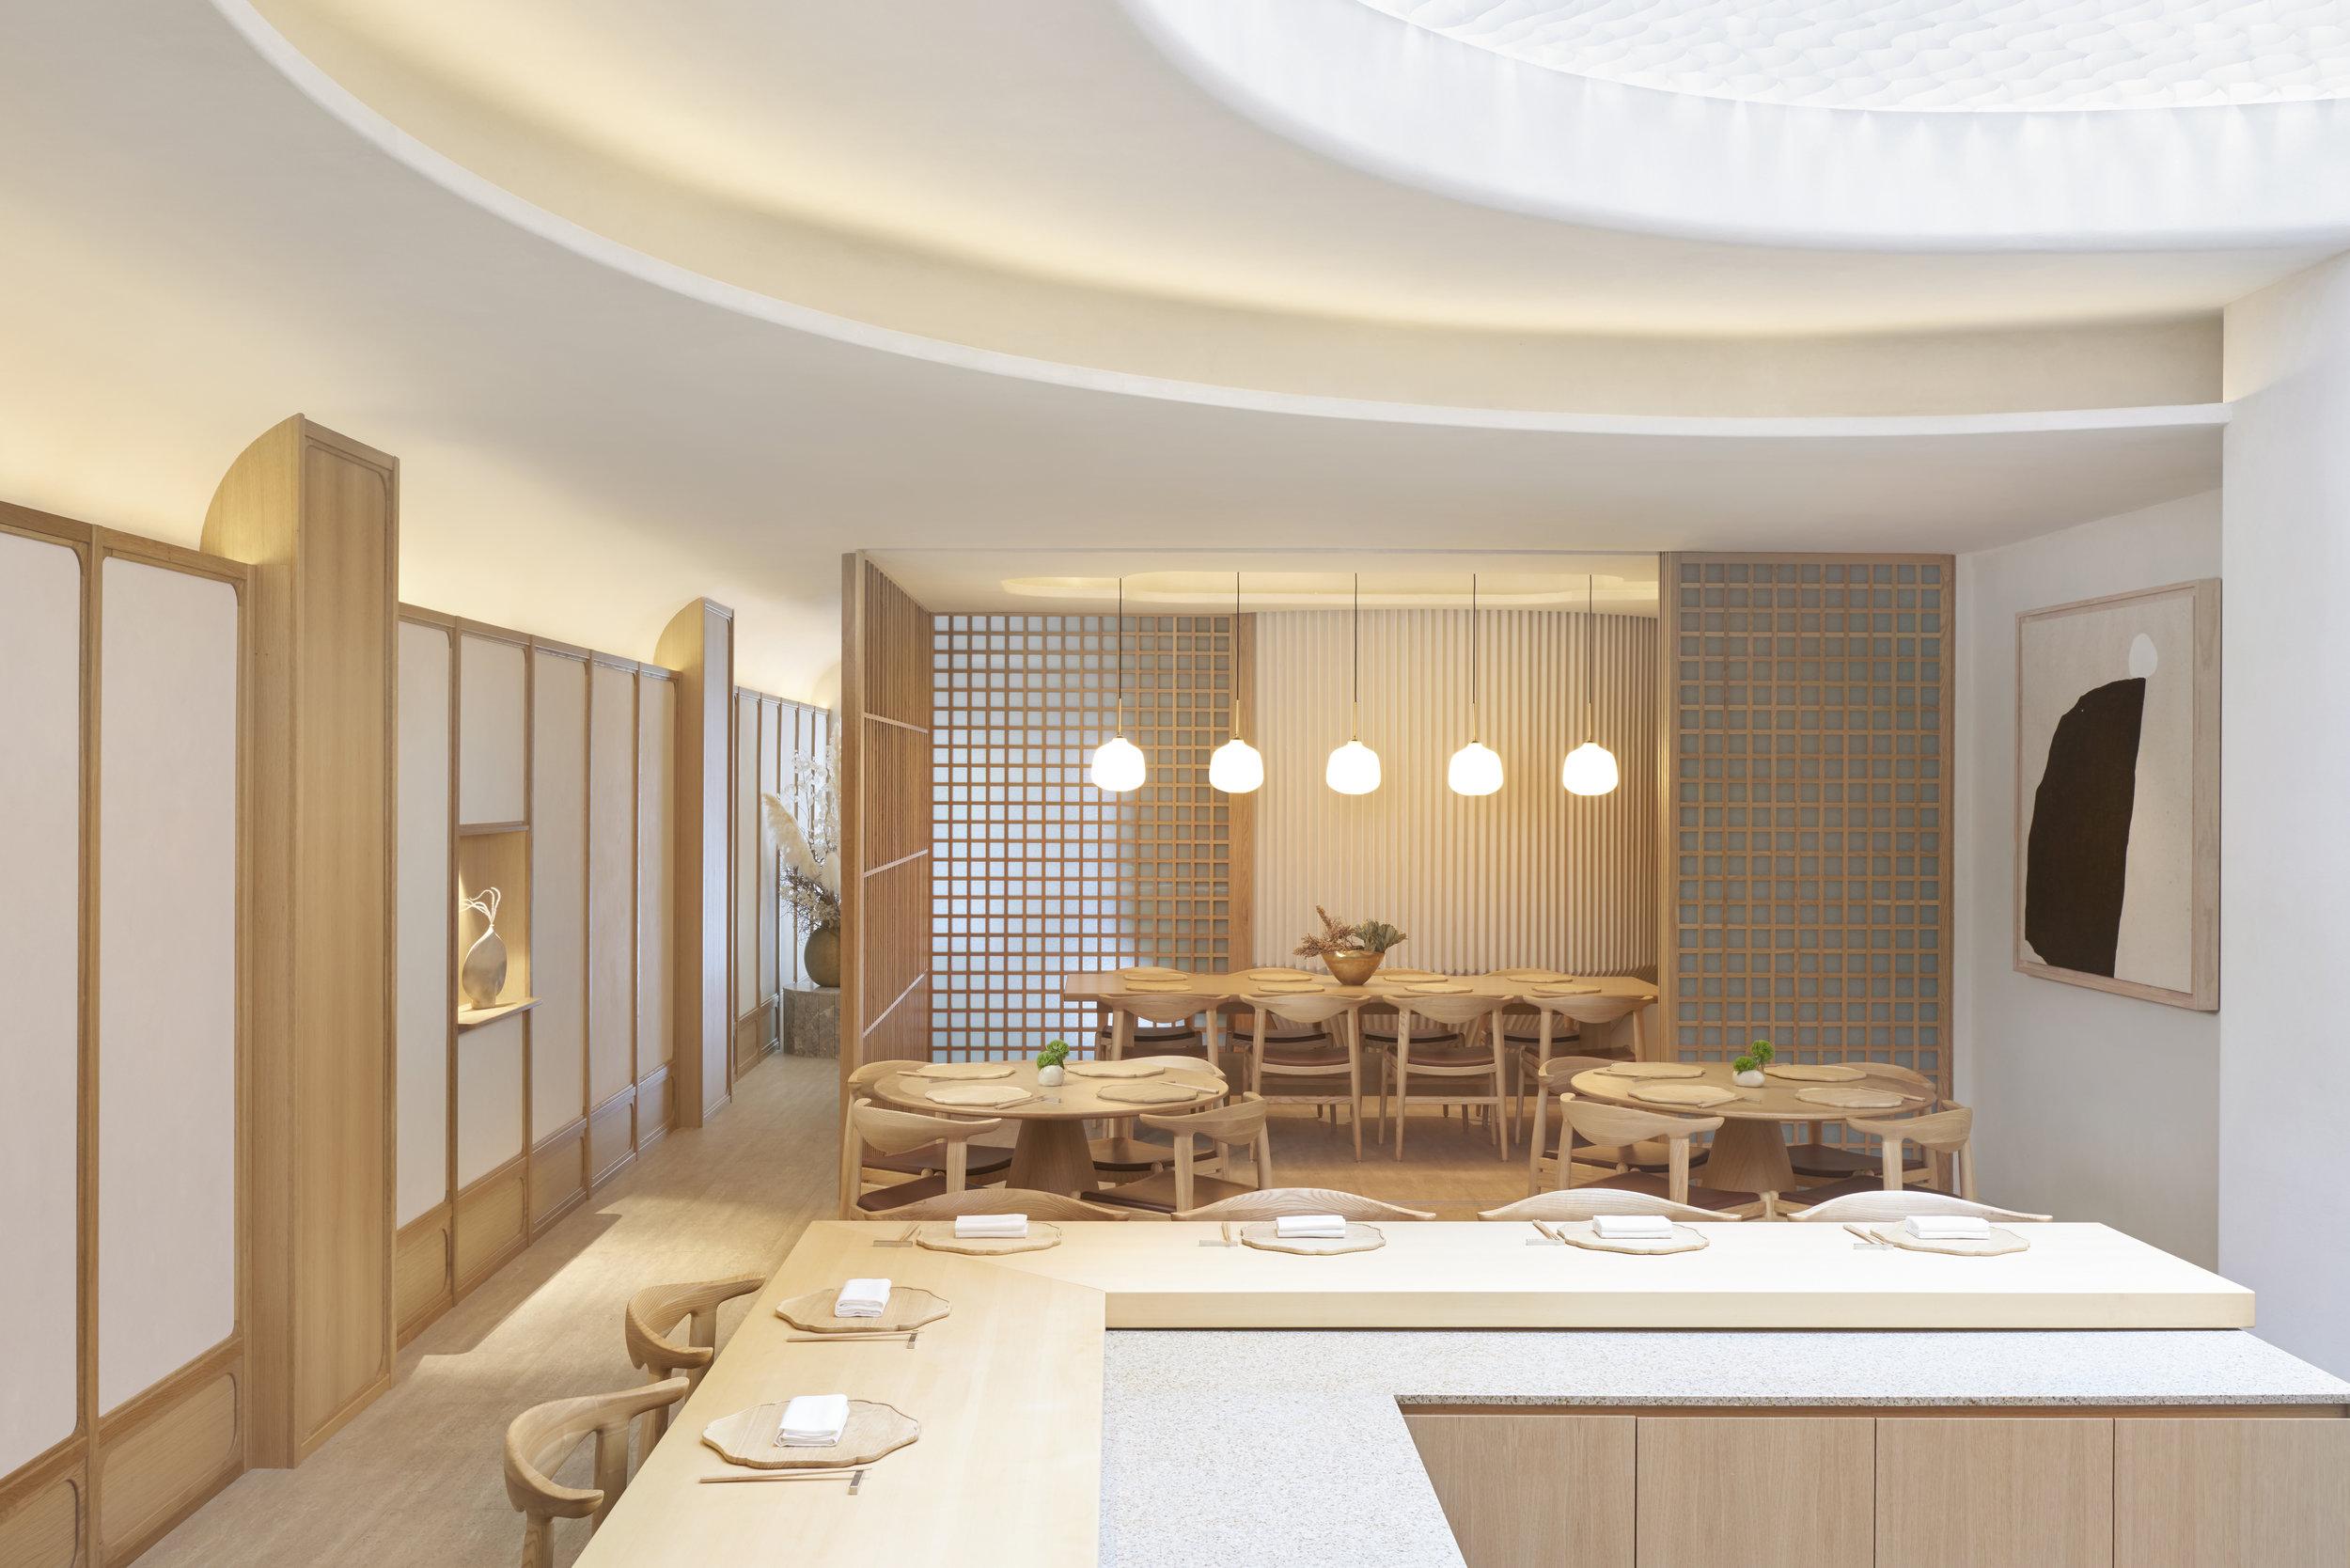 04 ESORA - Venue (Restaurant).jpg